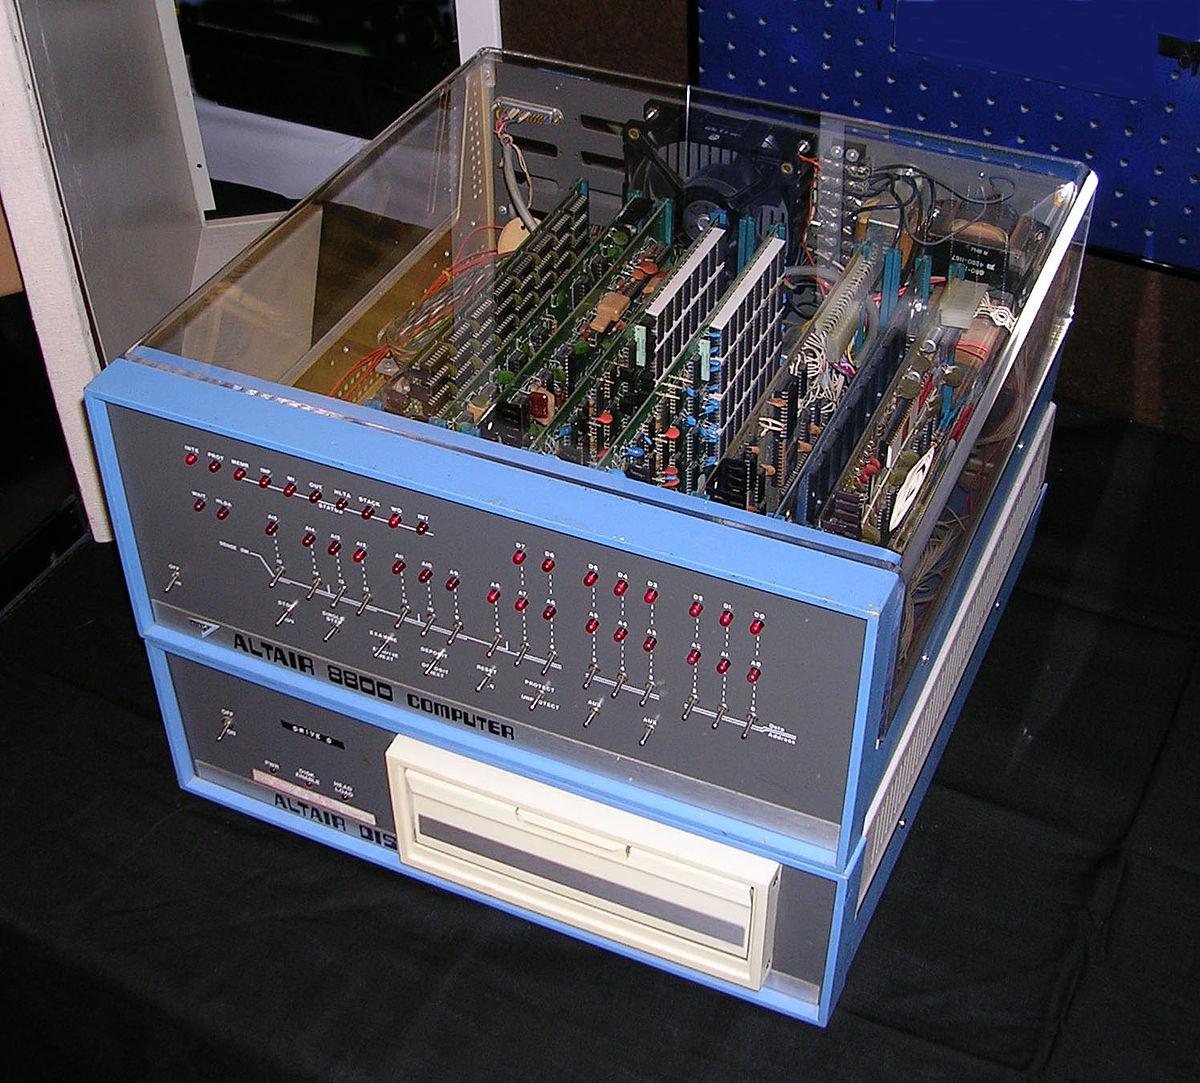 Linux-Based Embedded System Vs Microcontroller-Based Embedded System